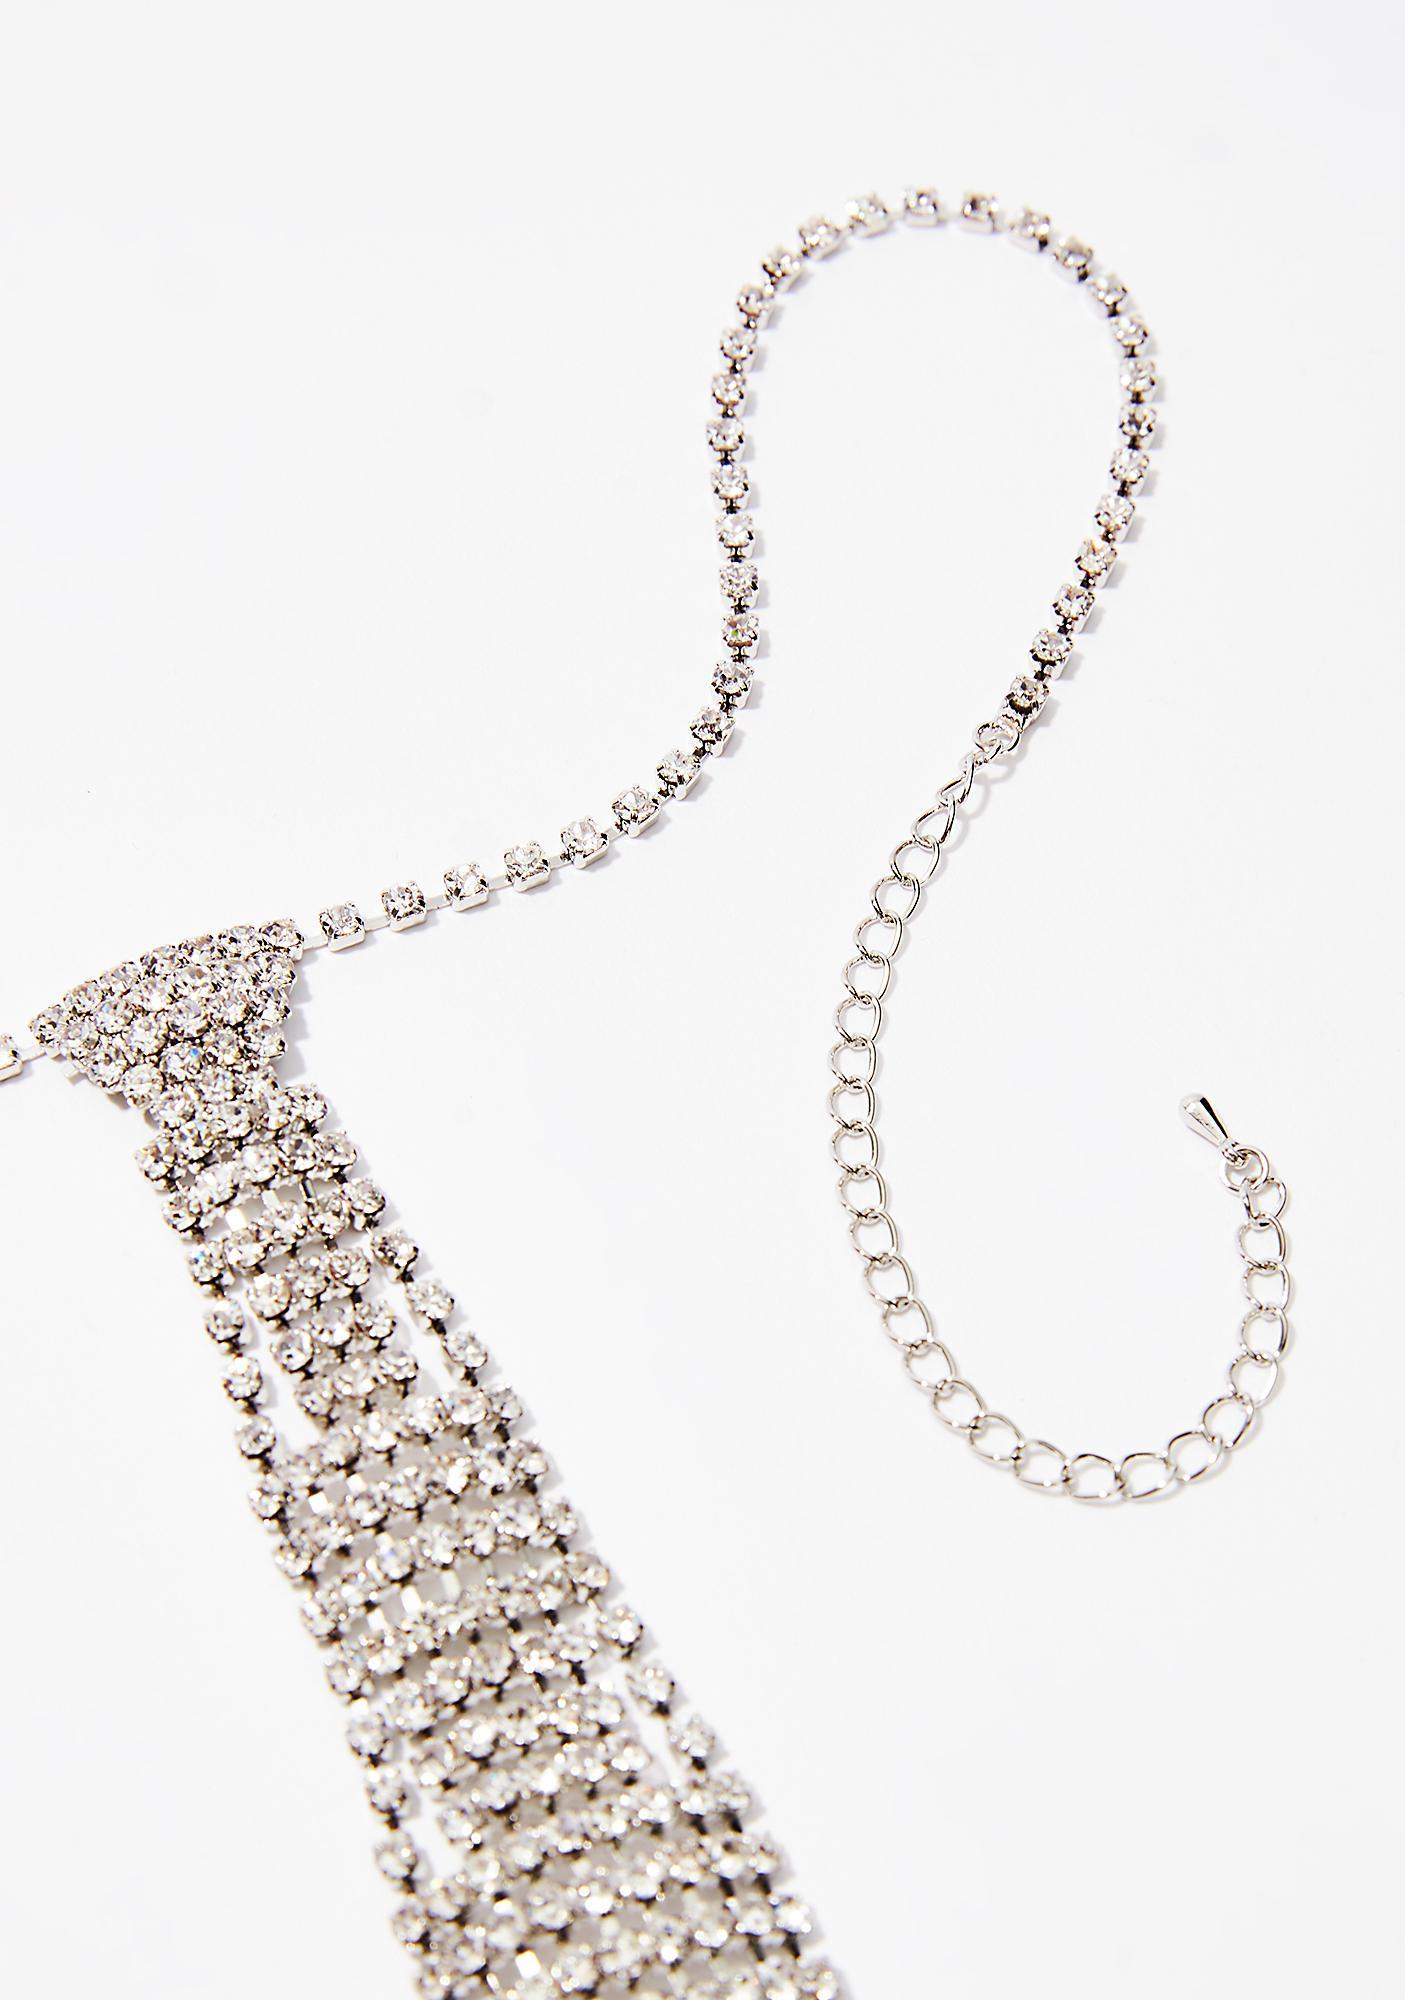 Mz. Profresh Necklace